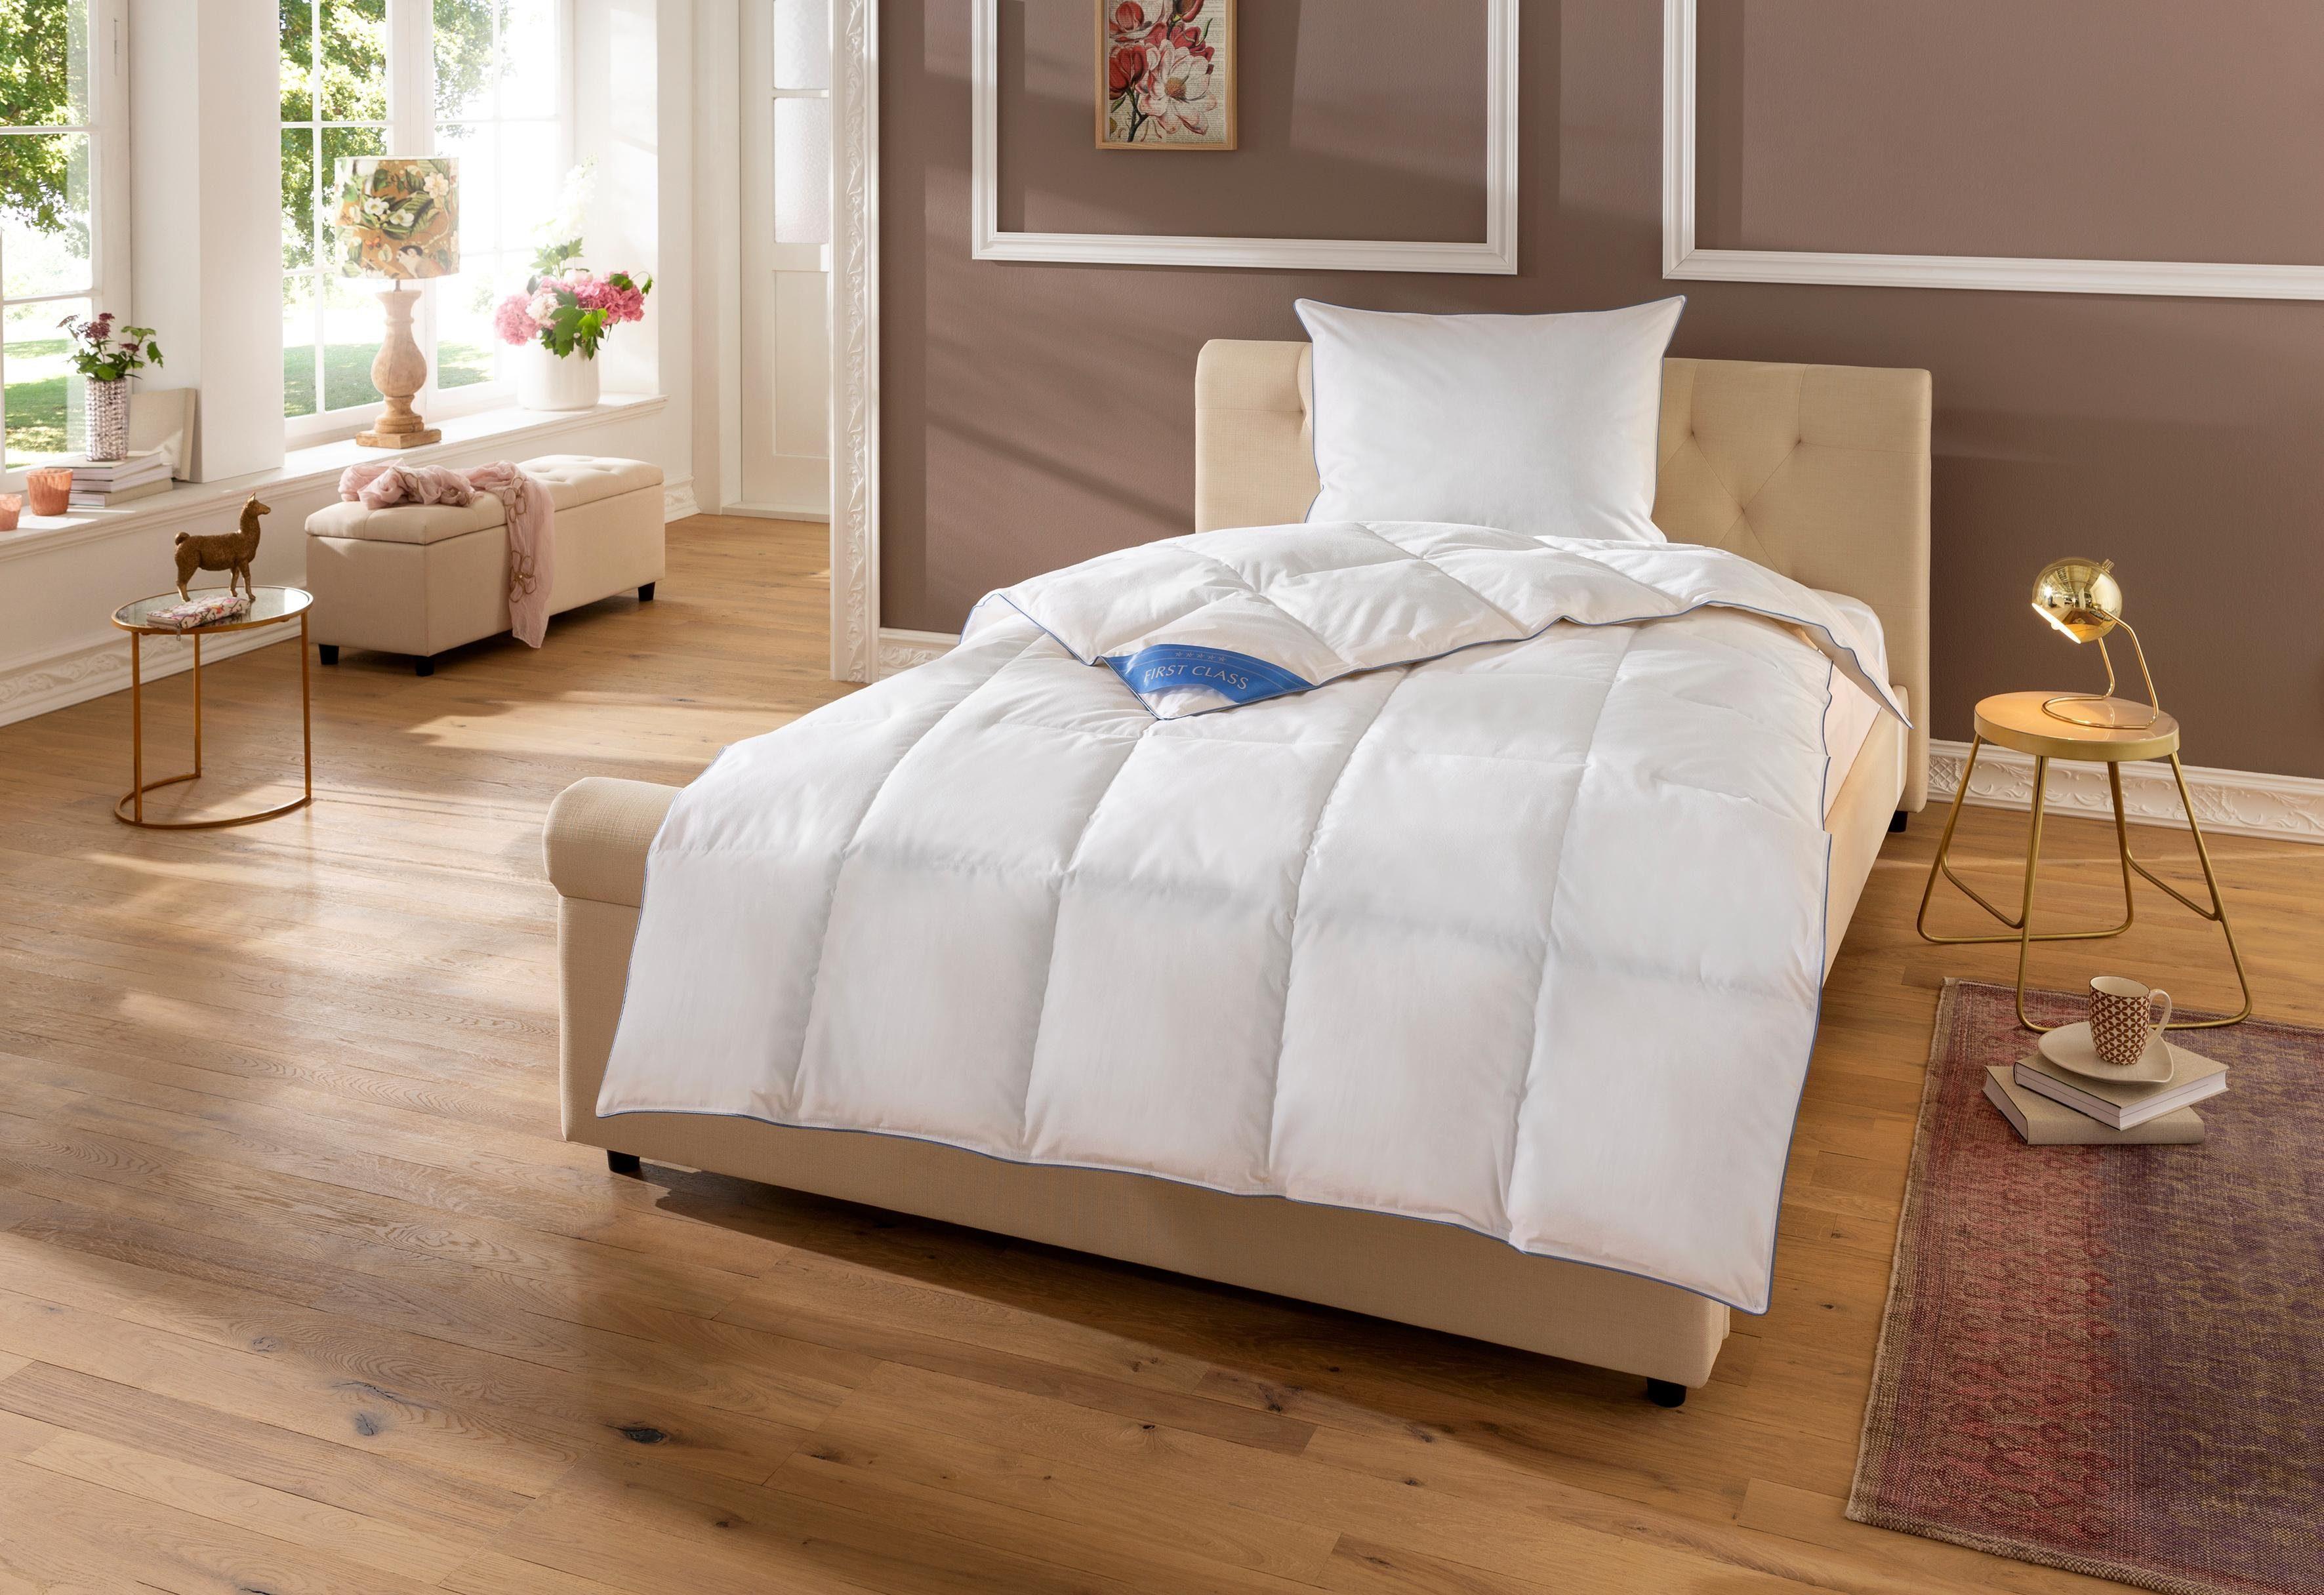 preiswerte 2-er Sets F/üllung: 100/% 90/% oder 80/% Federn Baumwollbezug RIBECO Kopfkissen